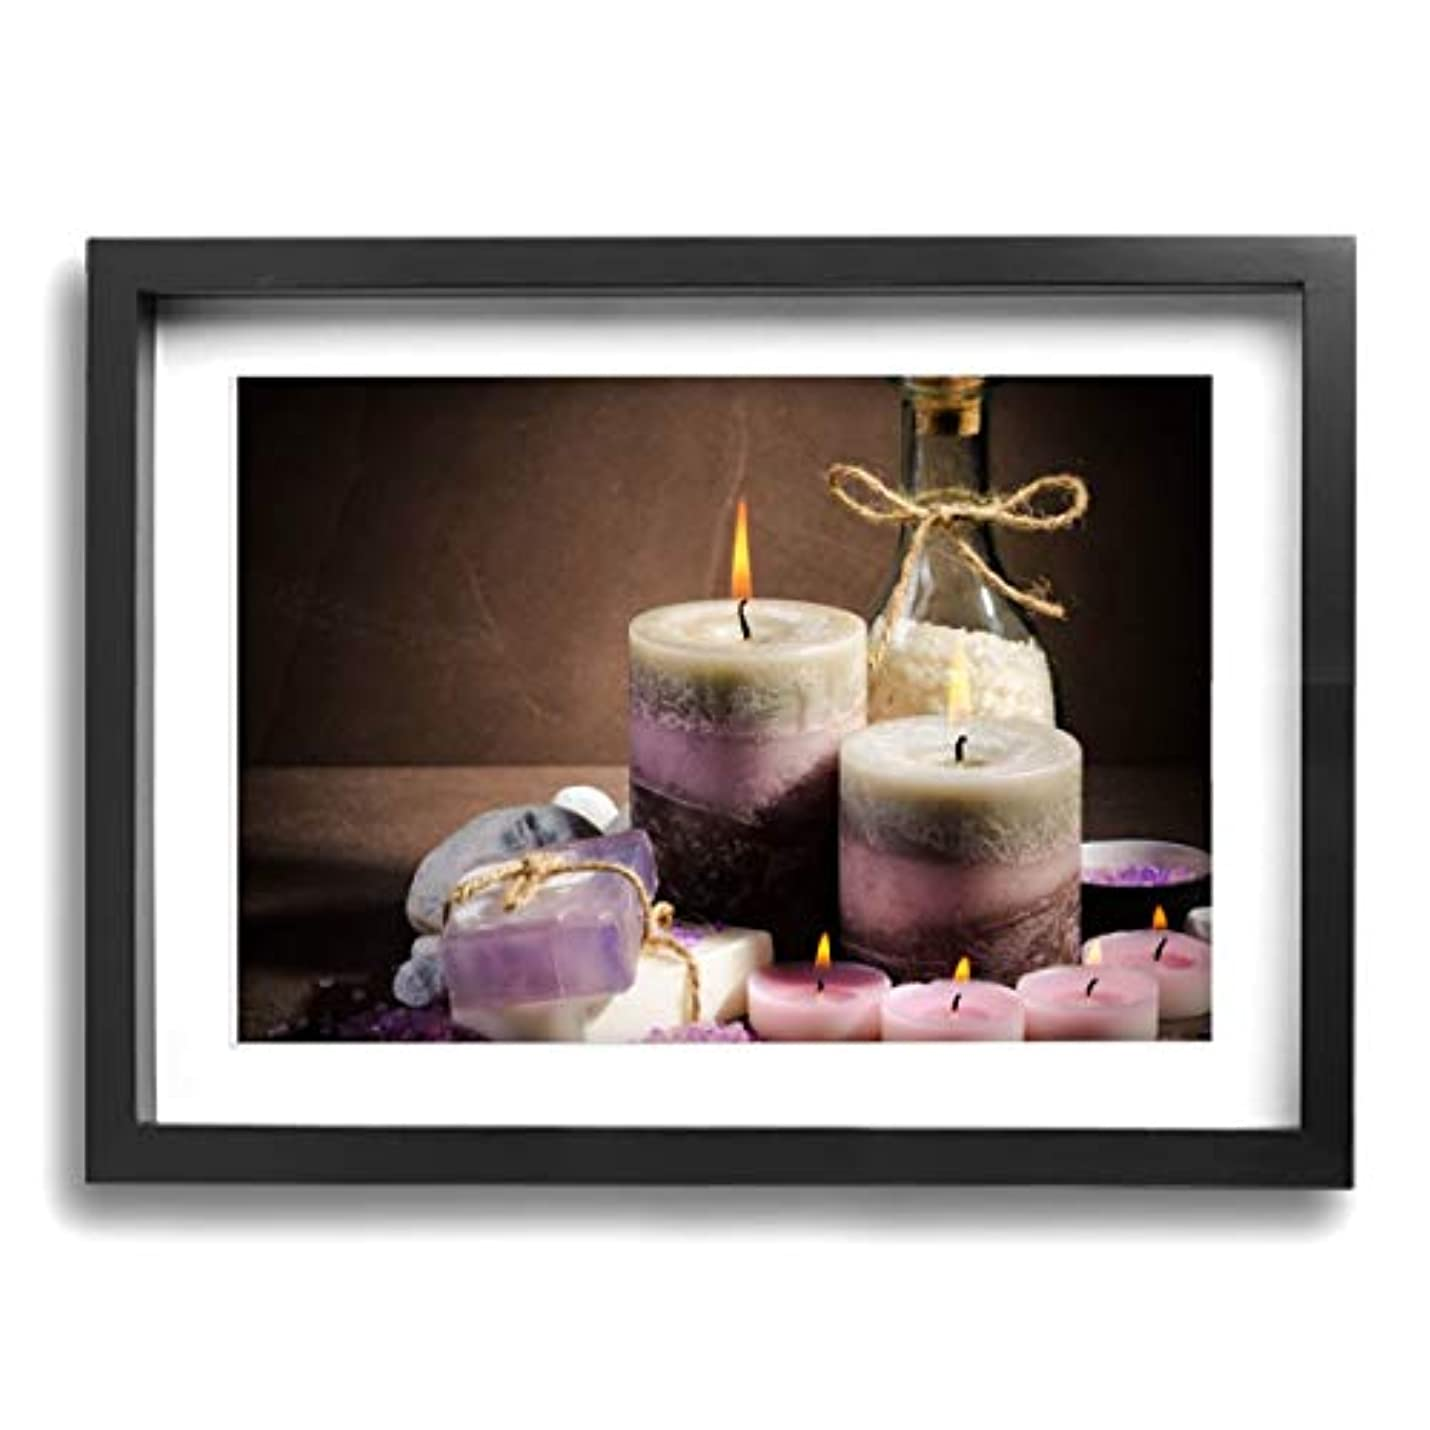 合金活気づける制限魅力的な芸術 30x40cm Spa Purple Color Candle Oil キャンバスの壁アート 画像プリント絵画リビングルームの壁の装飾と家の装飾のための現代アートワークハングする準備ができて